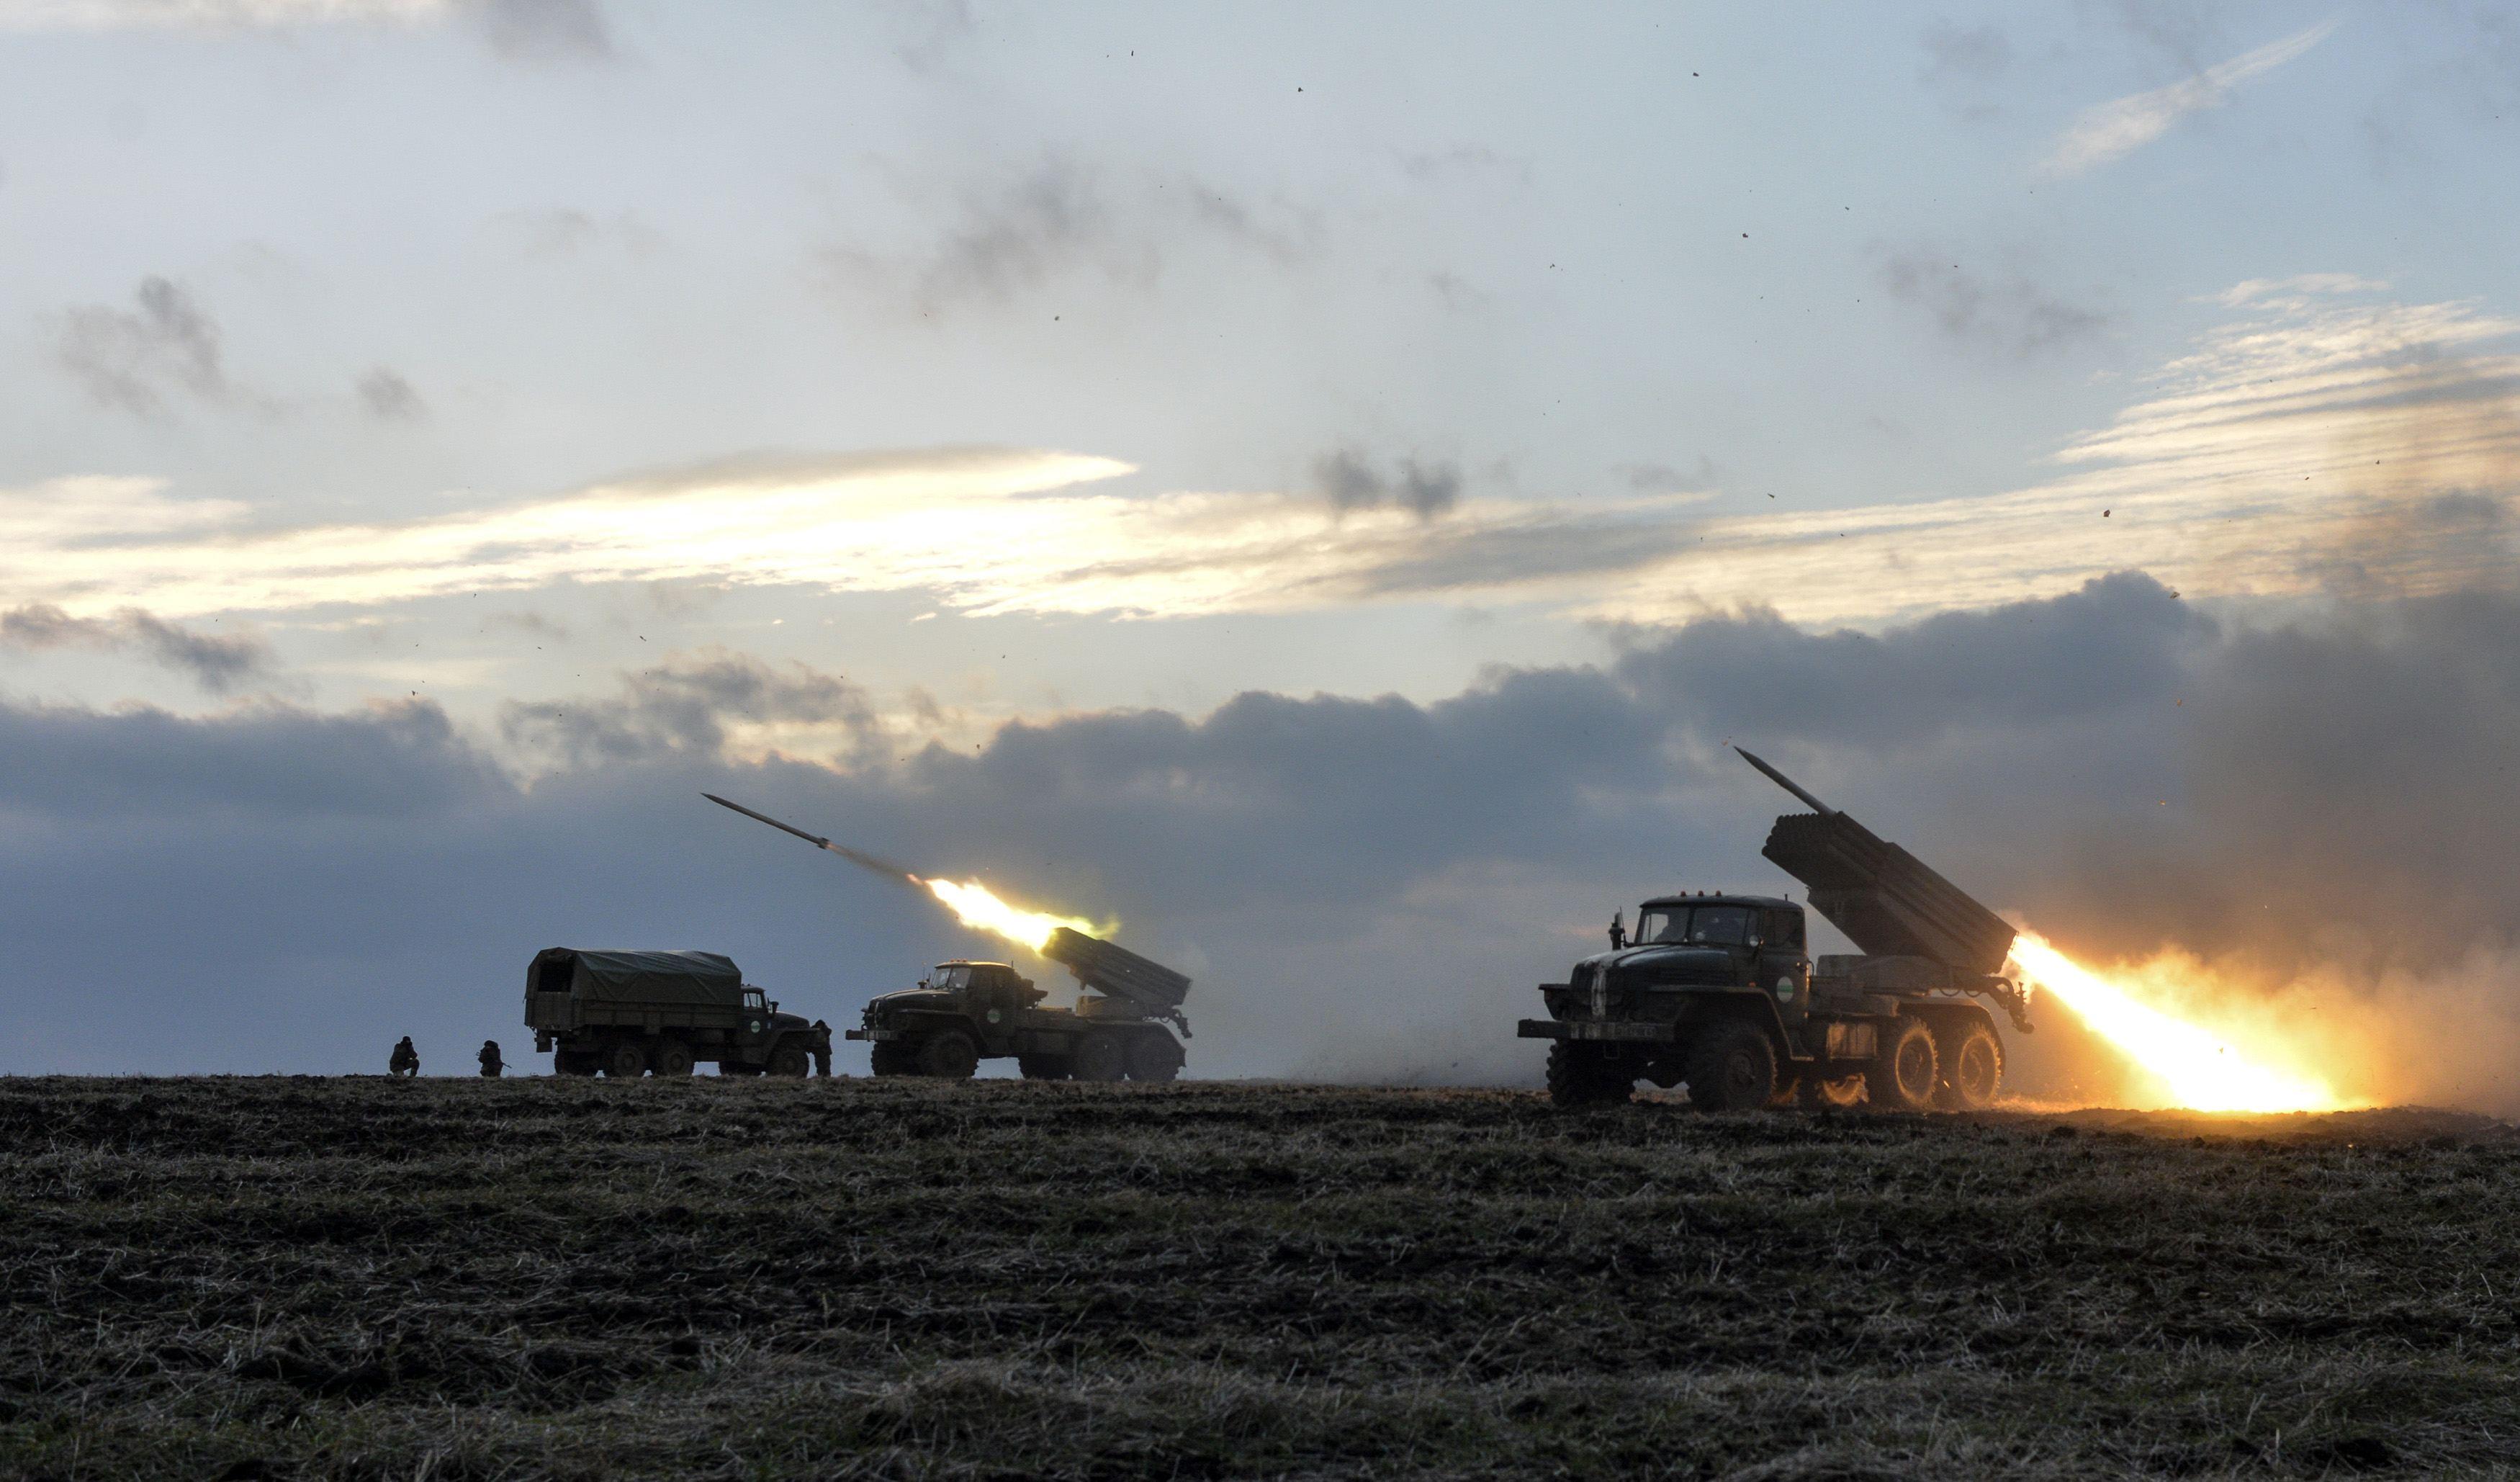 Террористы готовят провокацию для введения войск РФ, - разведка (дополне...